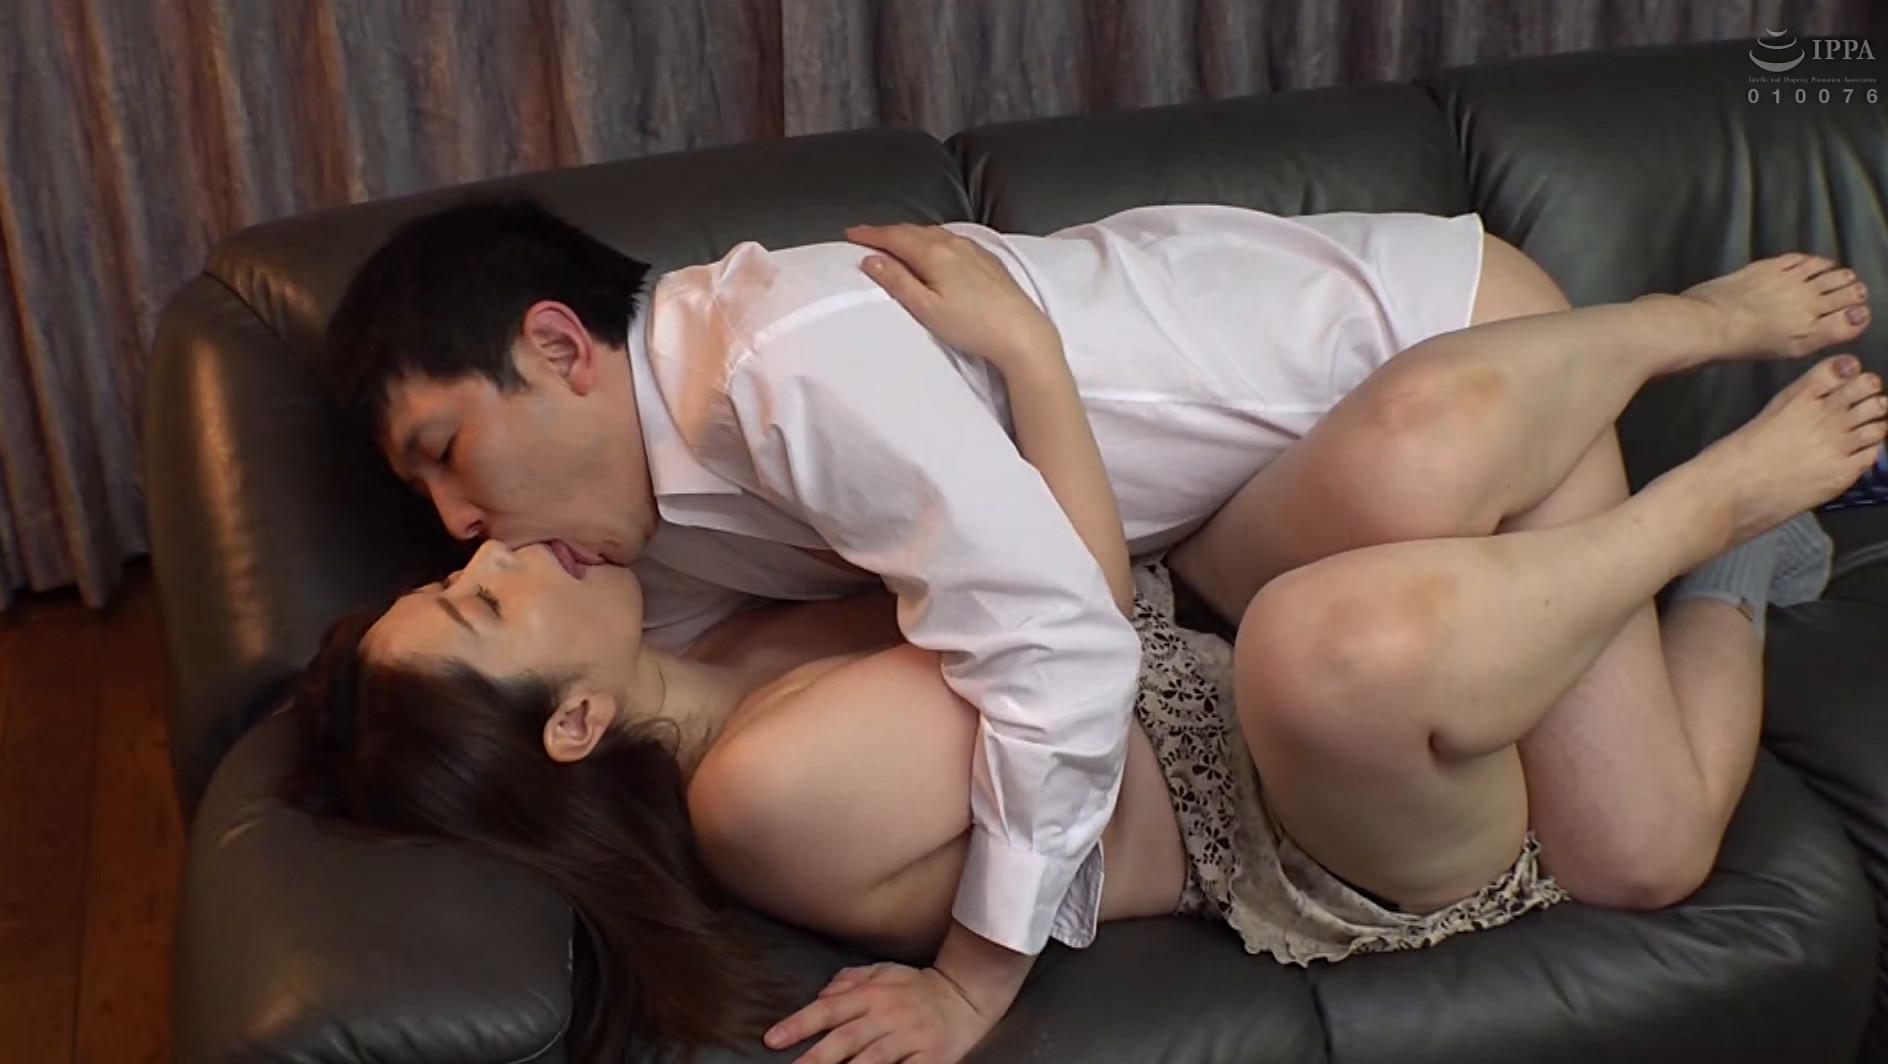 あの時、お義母さんに誘われて・・・ 翔田千里,のサンプル画像10